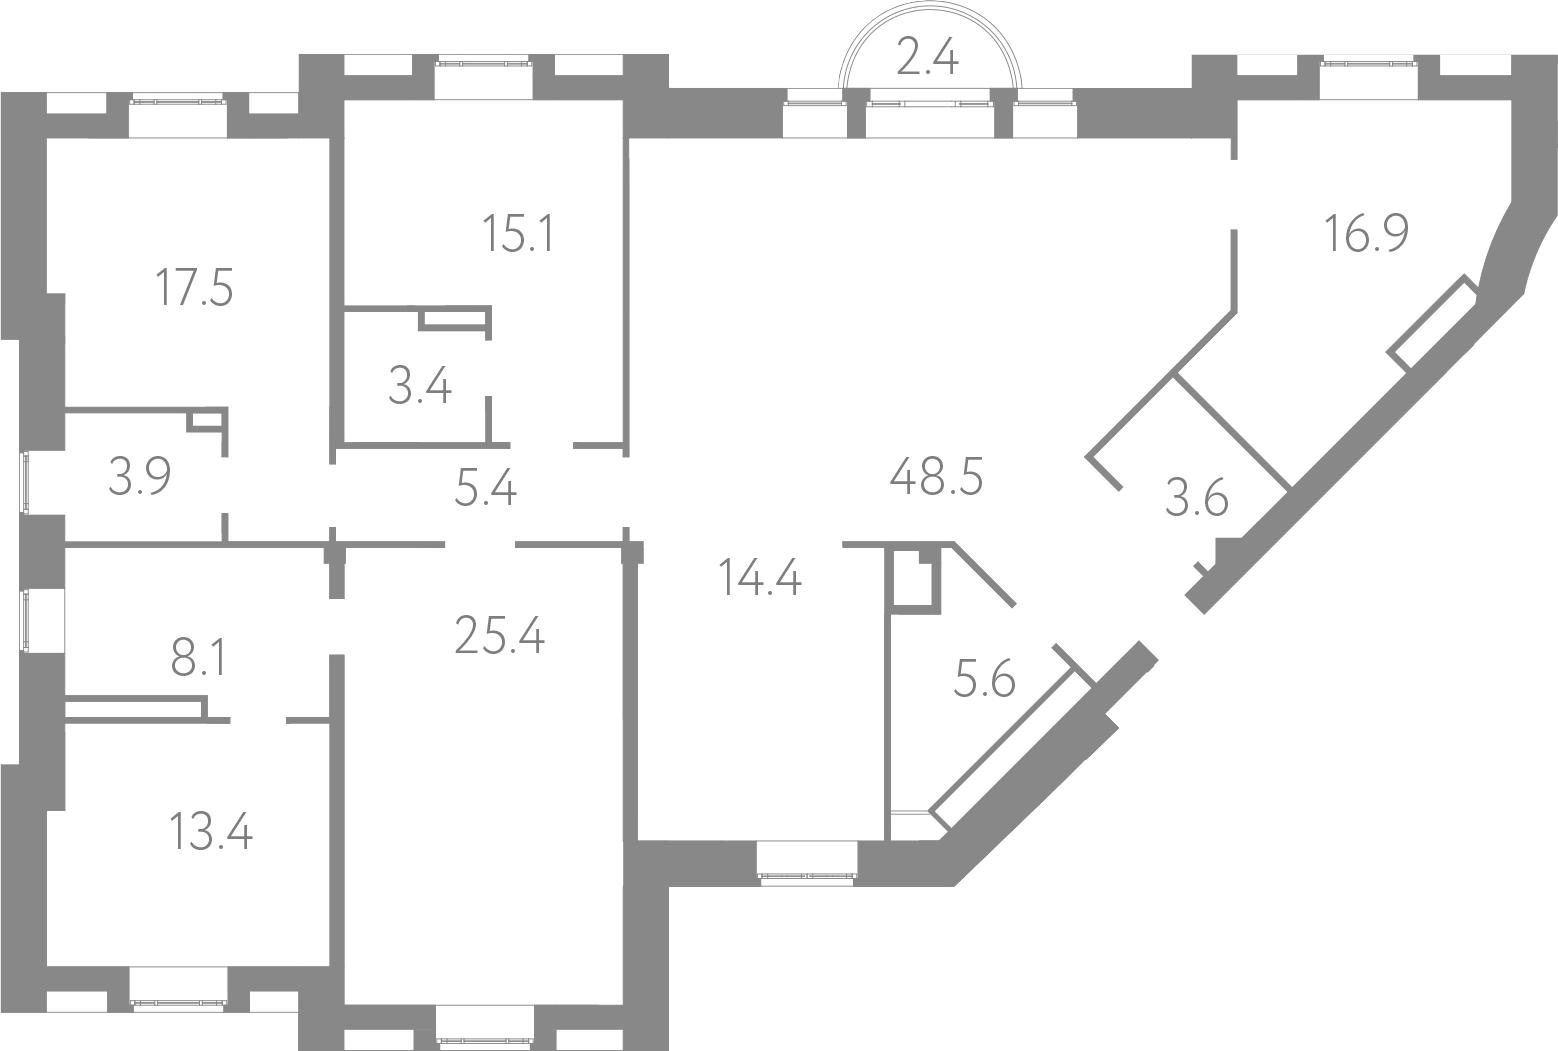 5-комнатная, 181.2 м²– 2